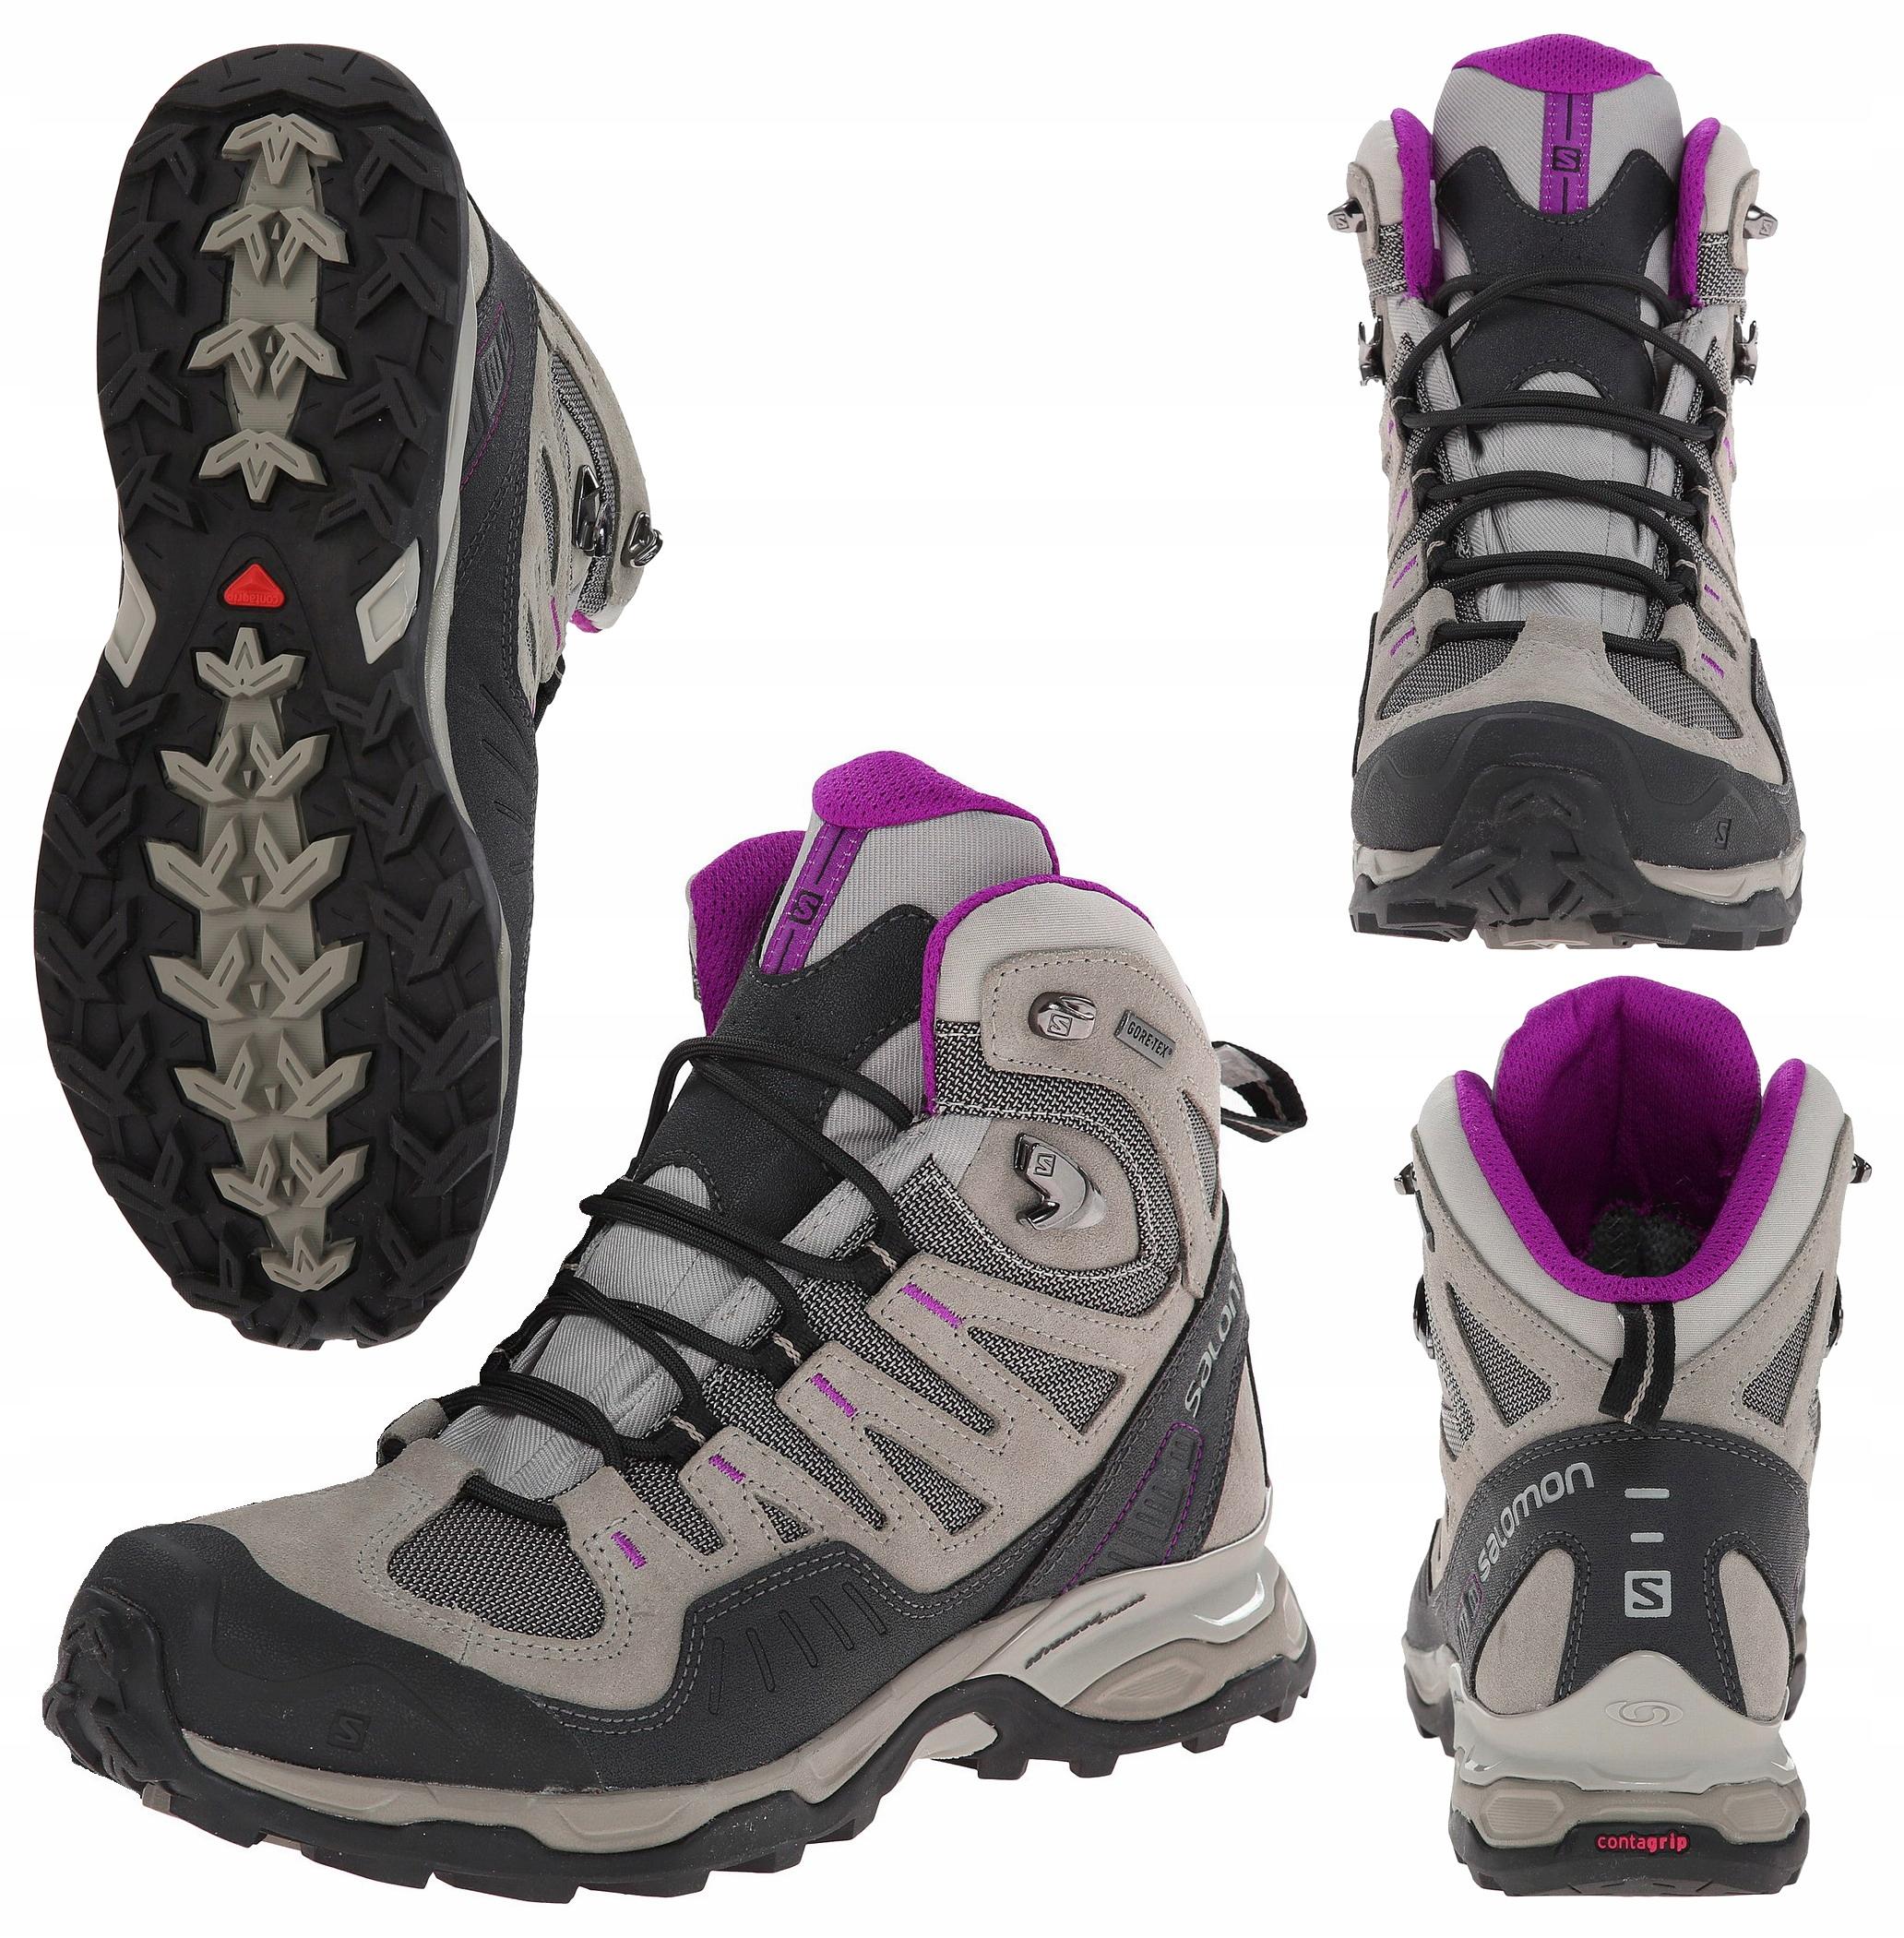 Salomon Conquest GTX buty trekking damskie - 40